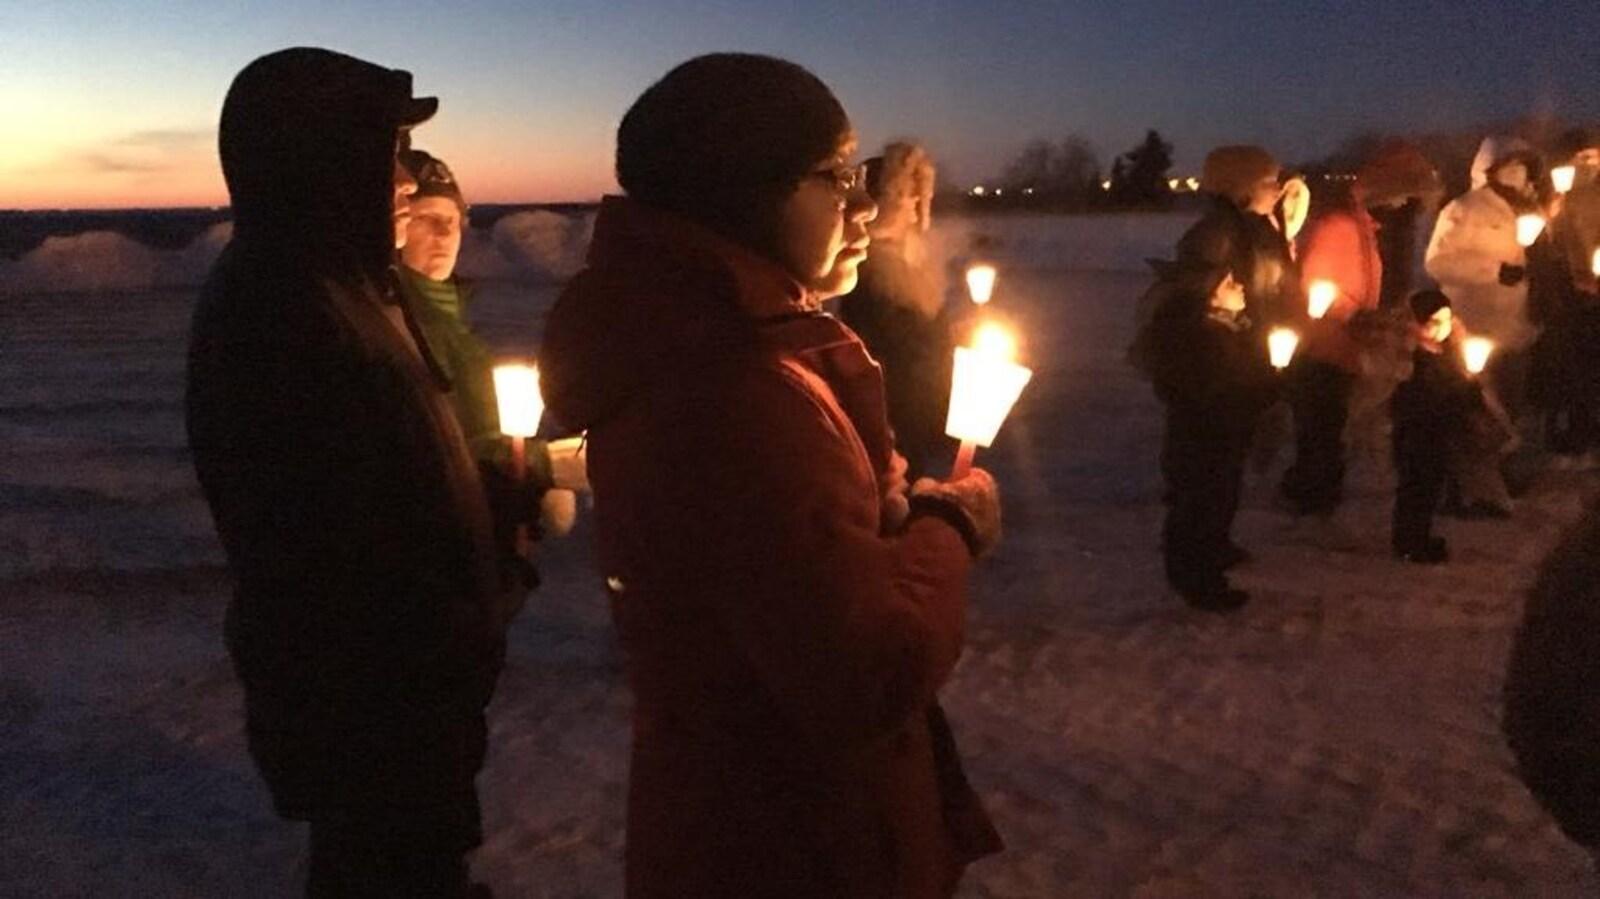 Une dizaine de personnes tiennent debout dans leurs mains des bougies à la tombée de la nuit.